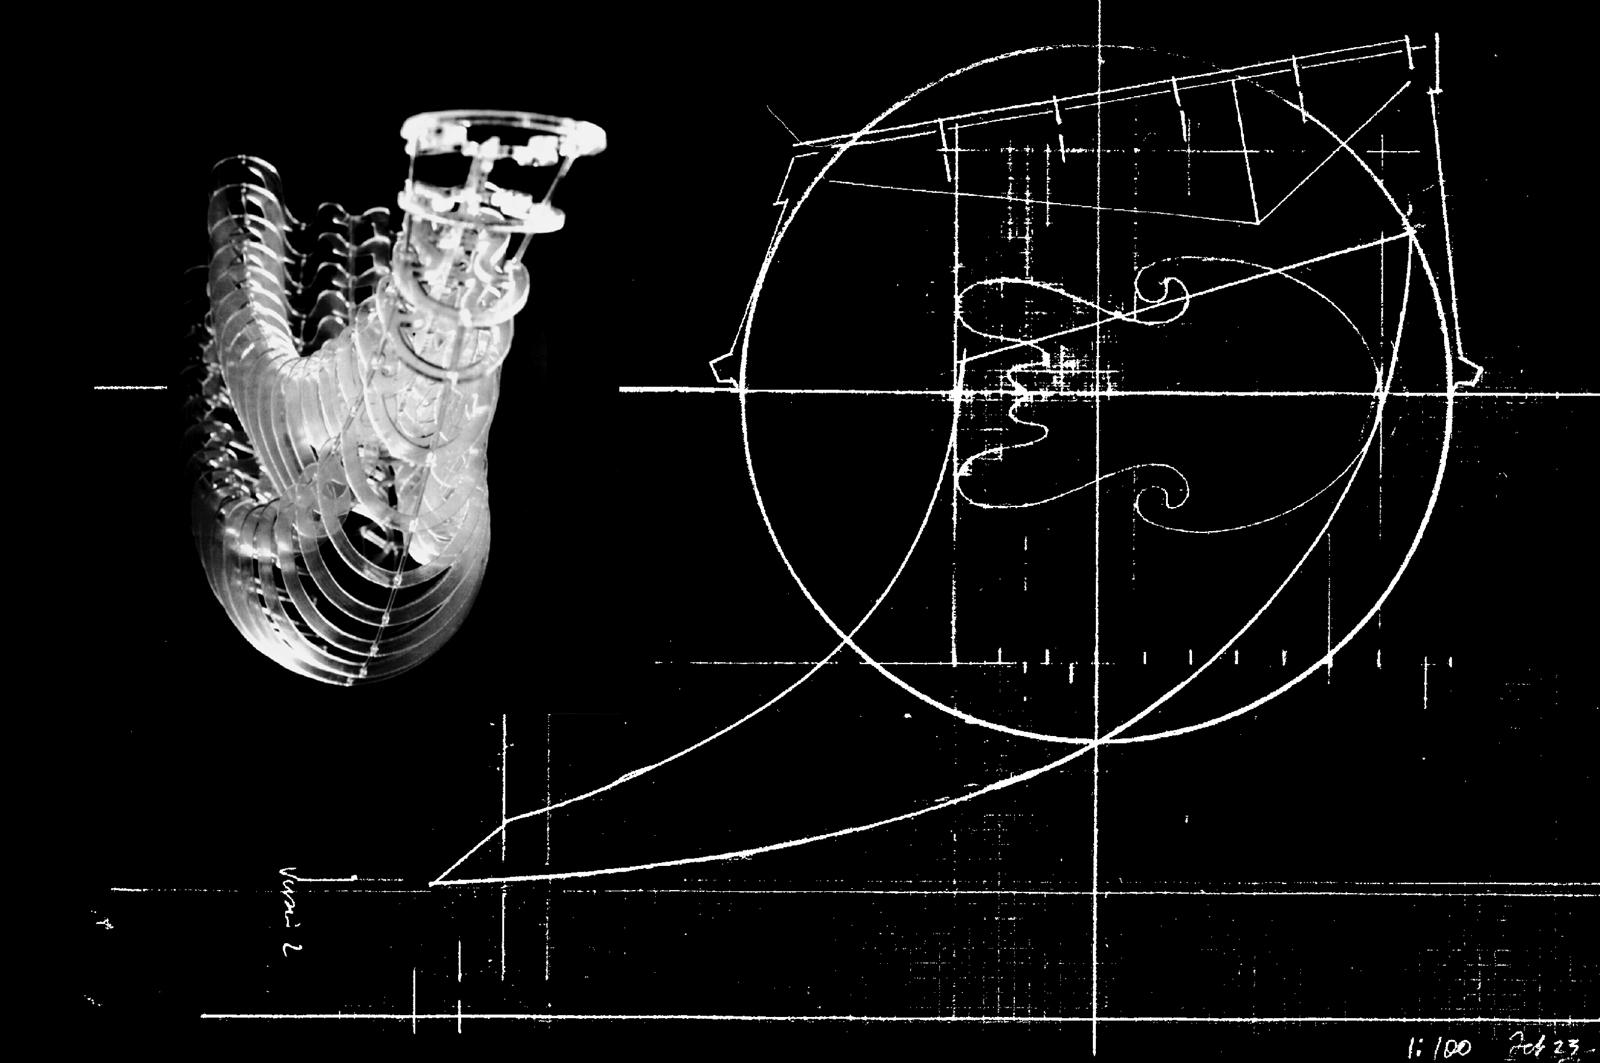 Dereck Revington Studio - Skin of fLight 1 - Studies 01